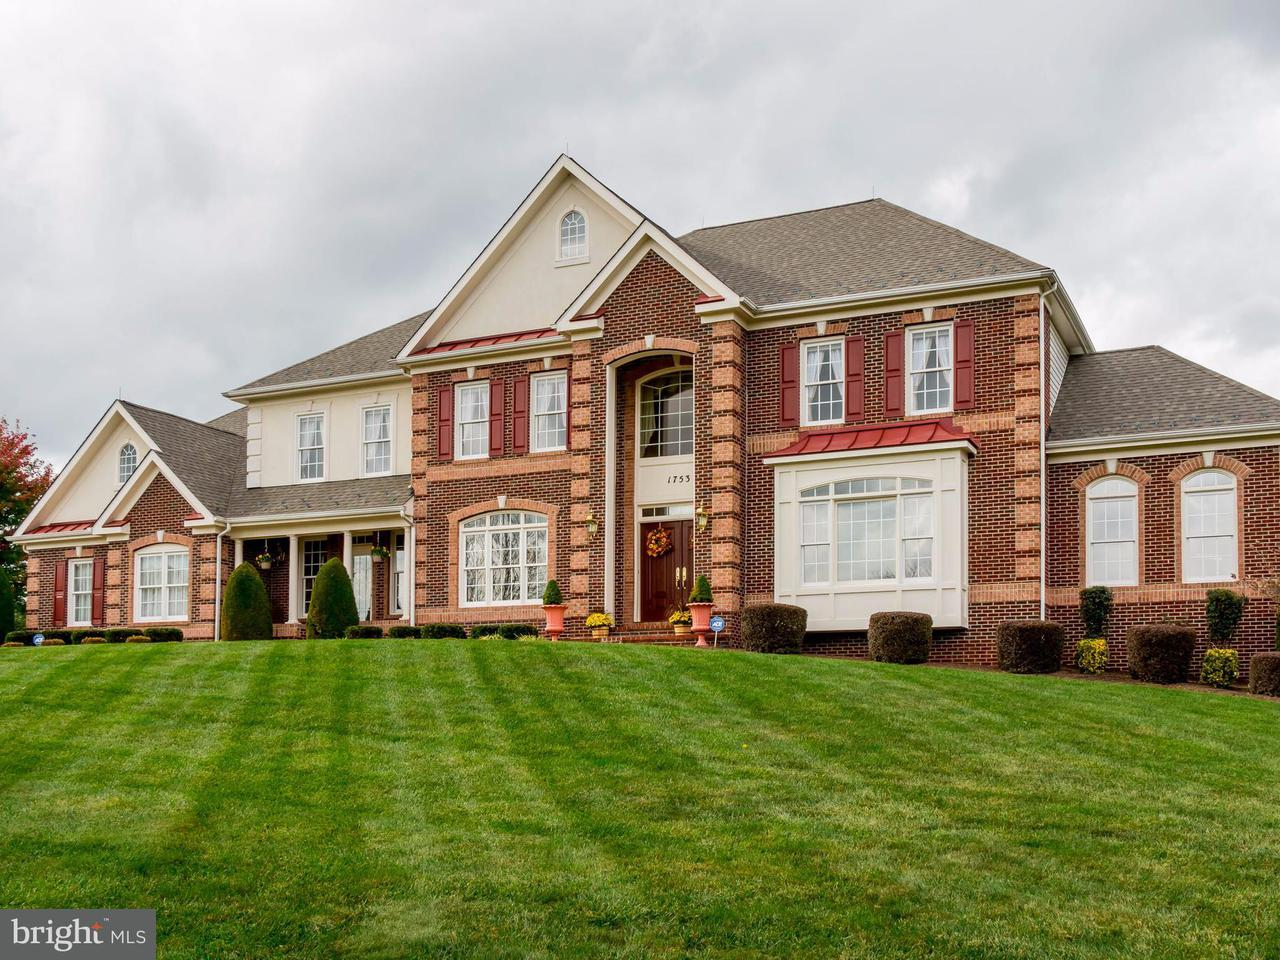 一戸建て のために 売買 アット 1753 Oakdale Drive 1753 Oakdale Drive Cooksville, メリーランド 21723 アメリカ合衆国